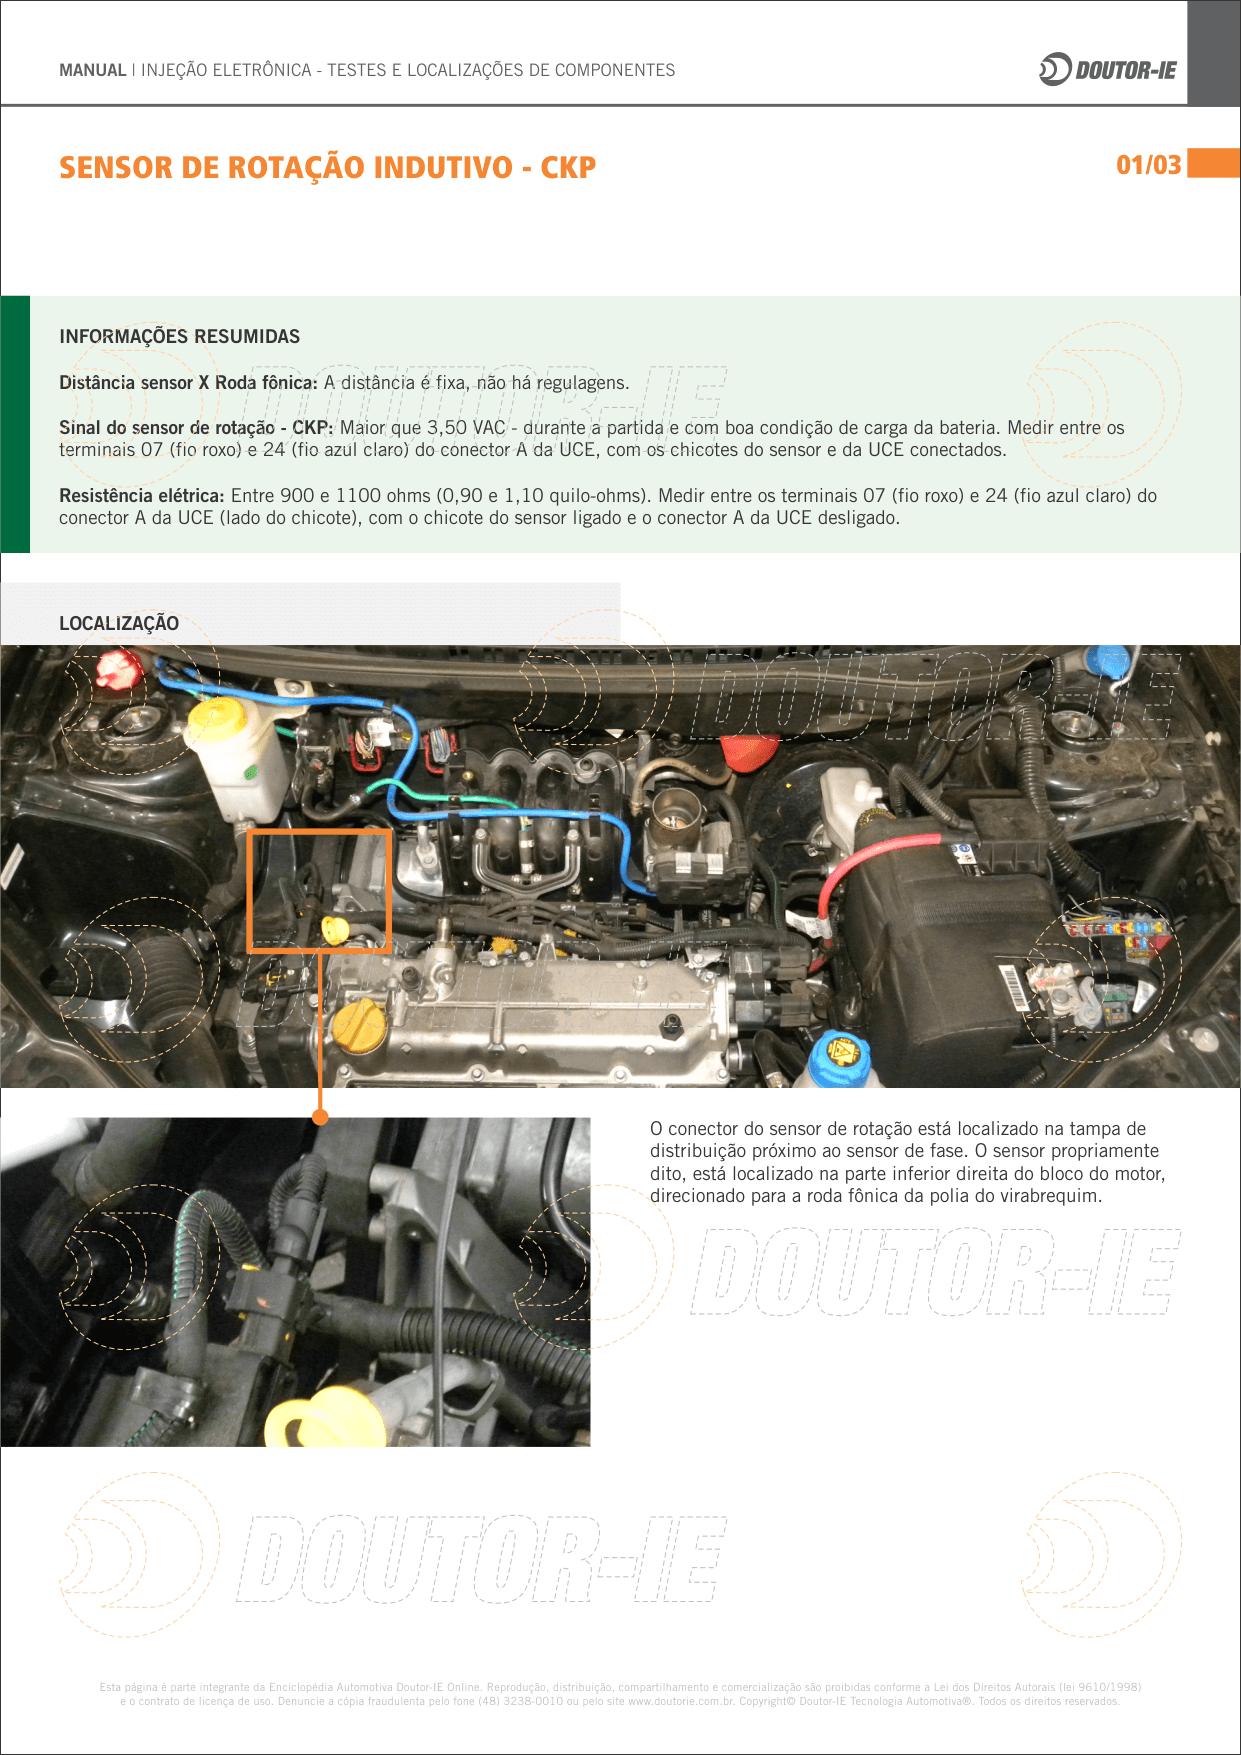 Página sobre sensor de rotação indutivo do manual da Doutor-IE